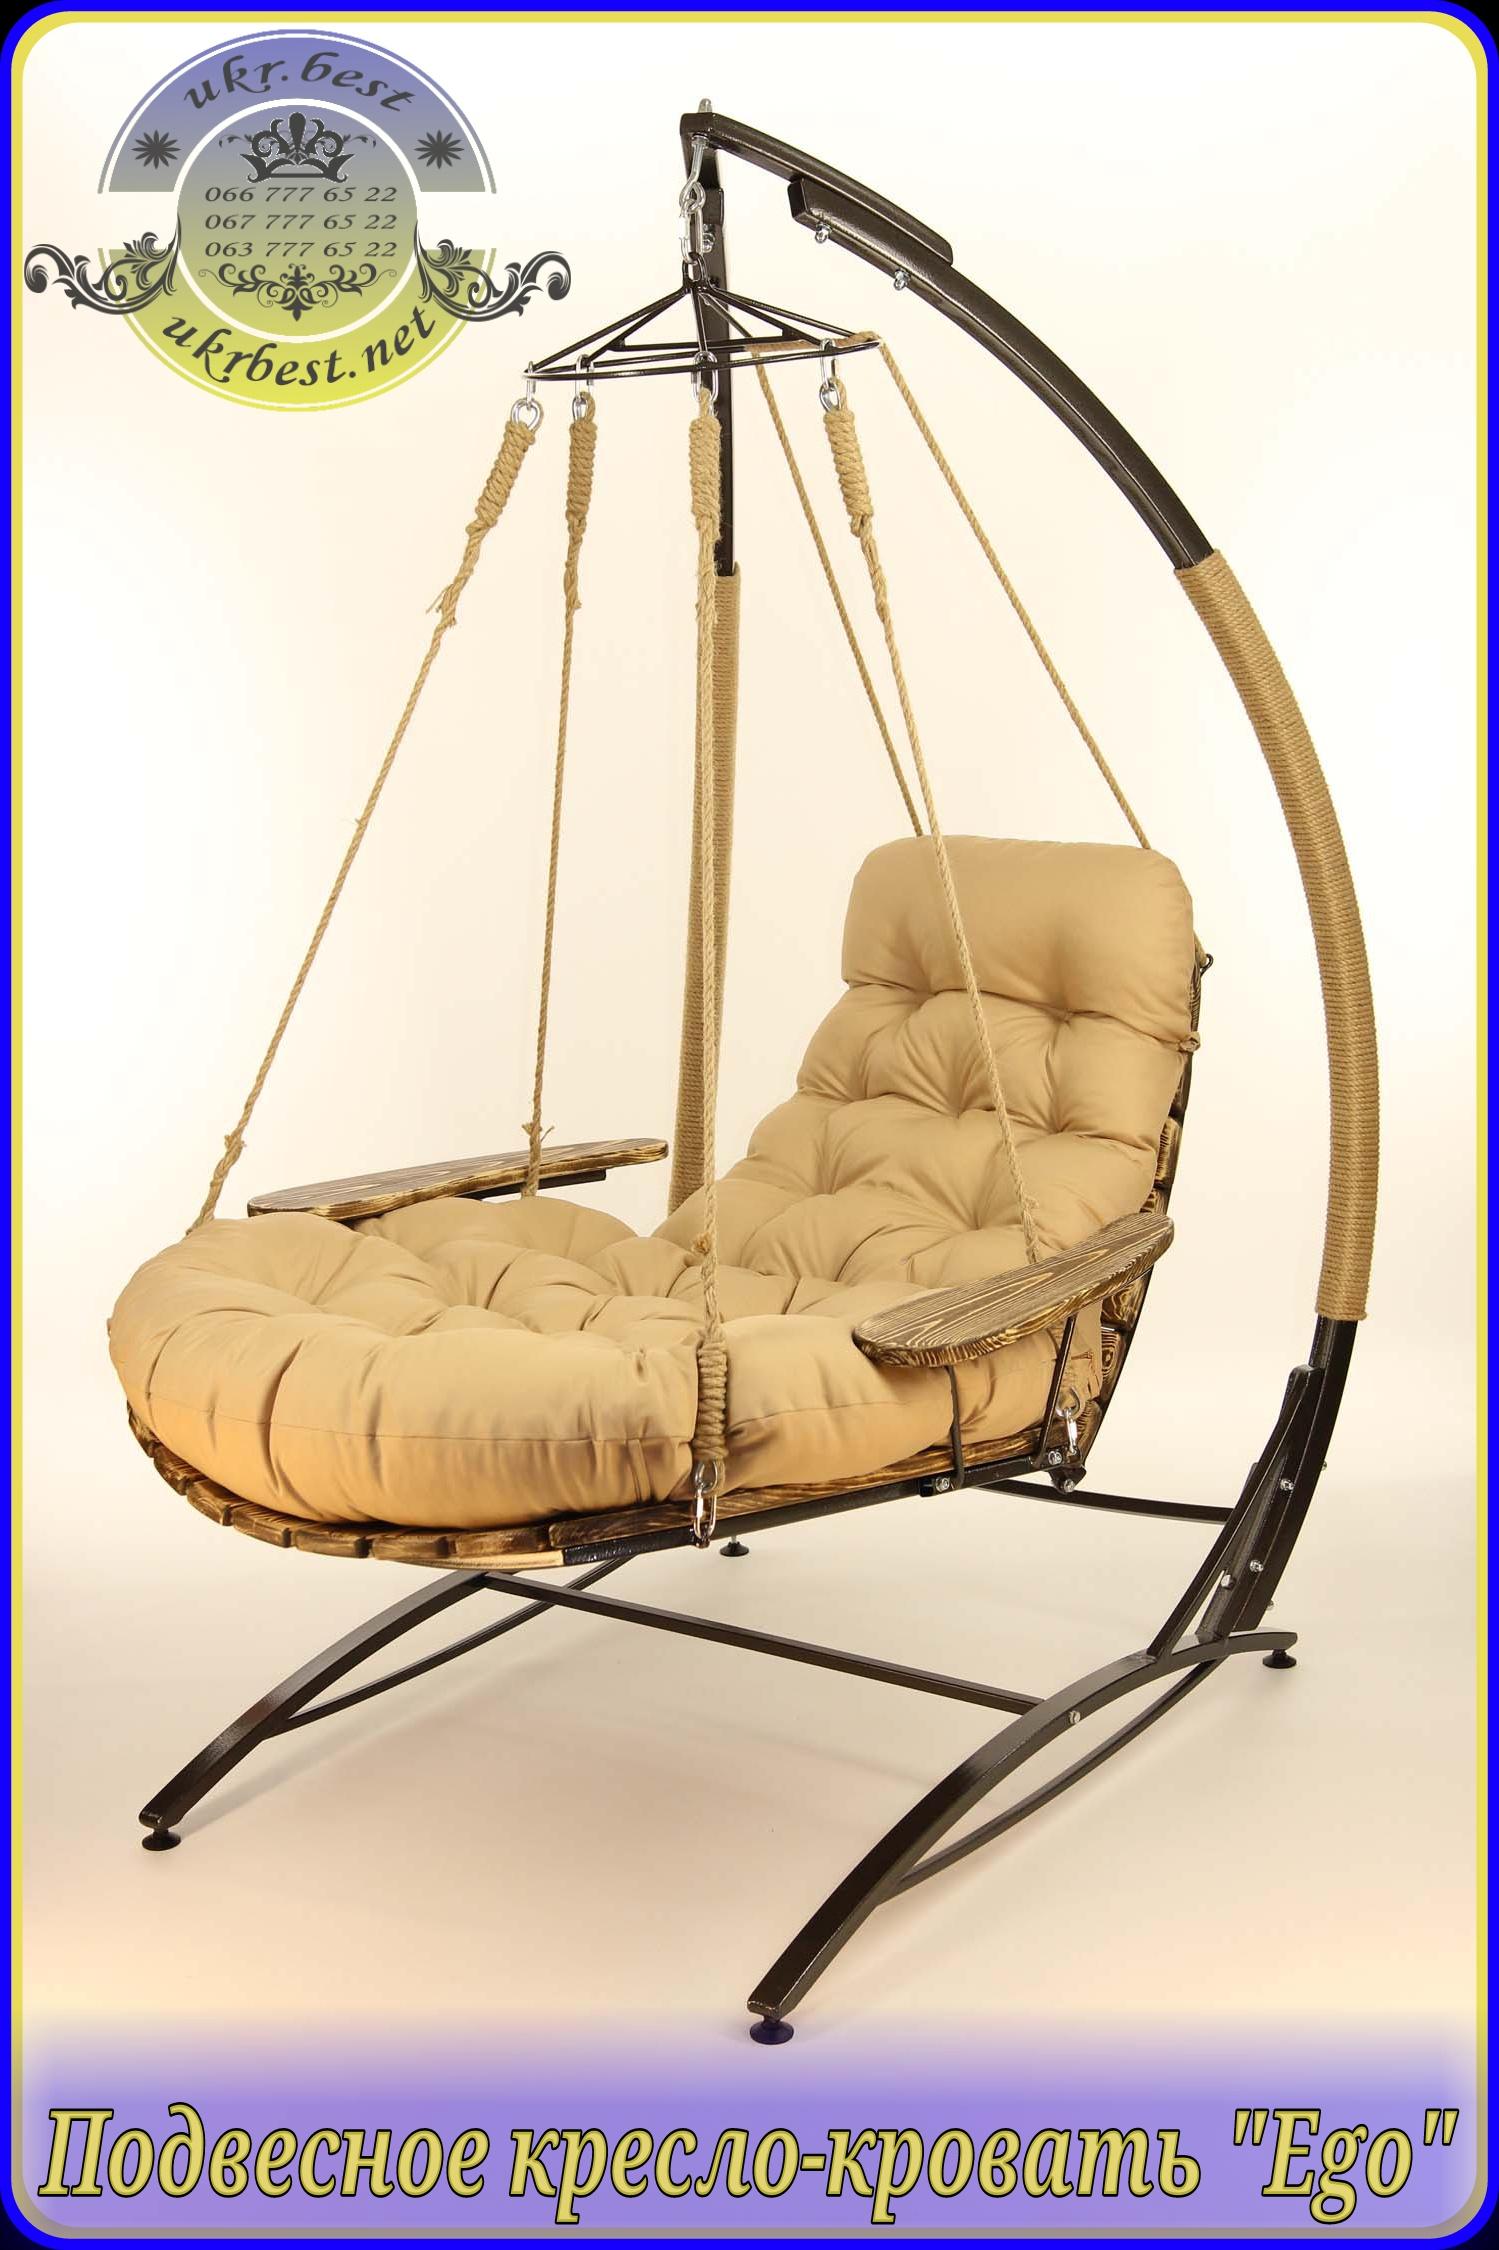 Мягкое подвесное кресло кровать Эго - купить Украина